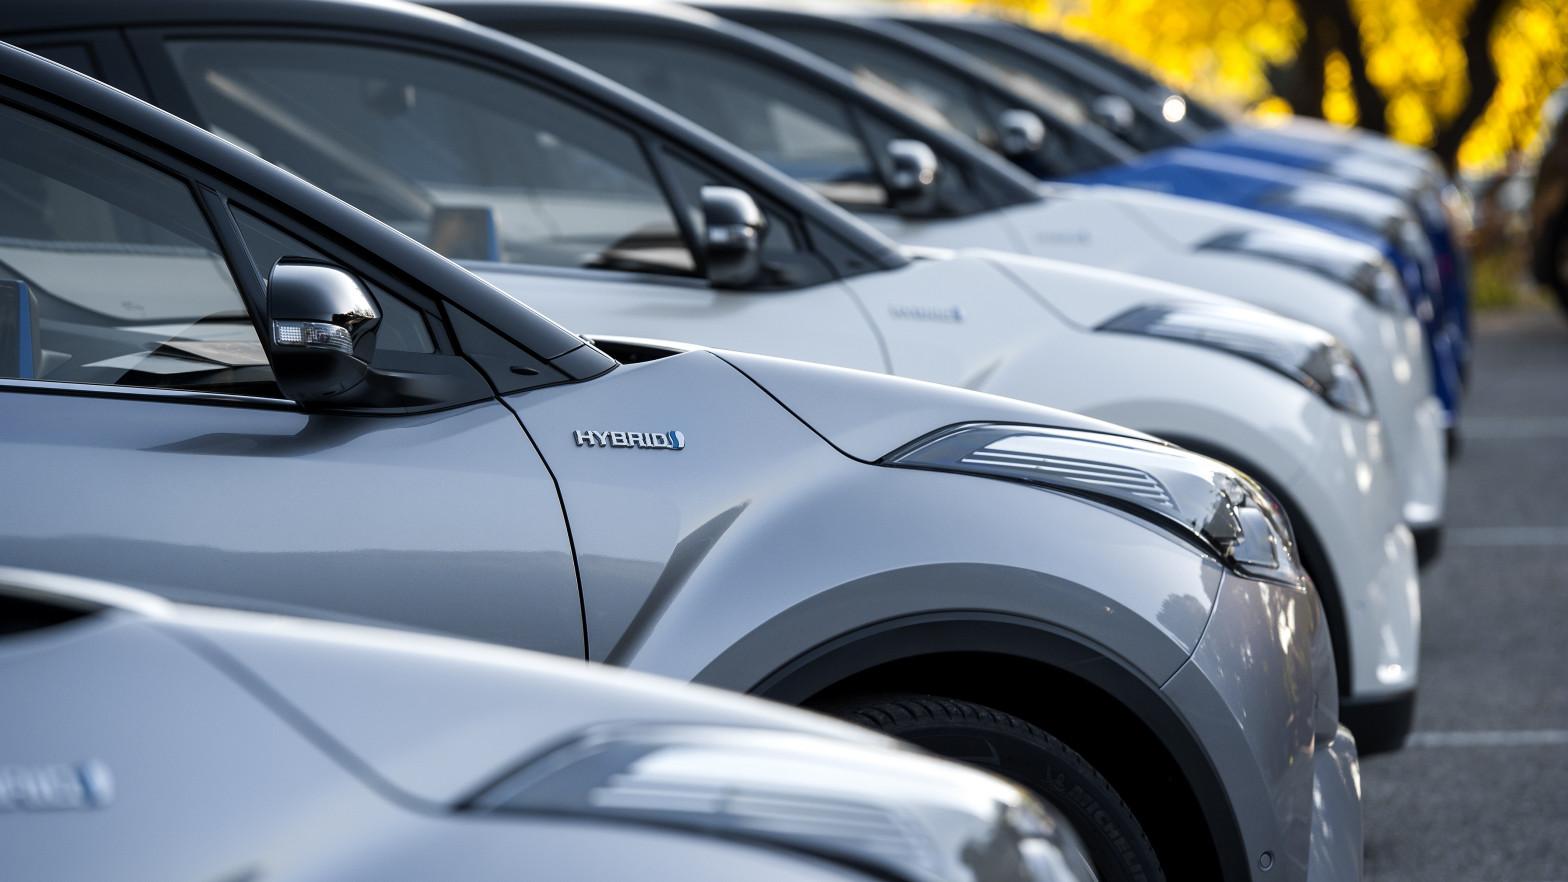 El Estado dobla el ingreso medio por vehículo por el nuevo impuesto de matriculación